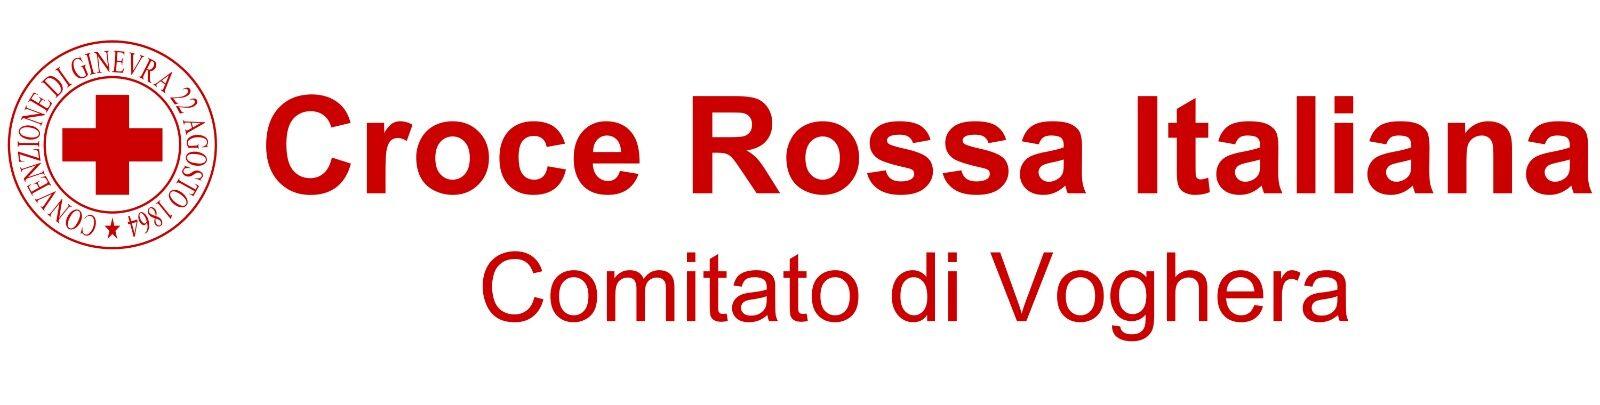 Croce Rossa Italiana  Comitato di Voghera